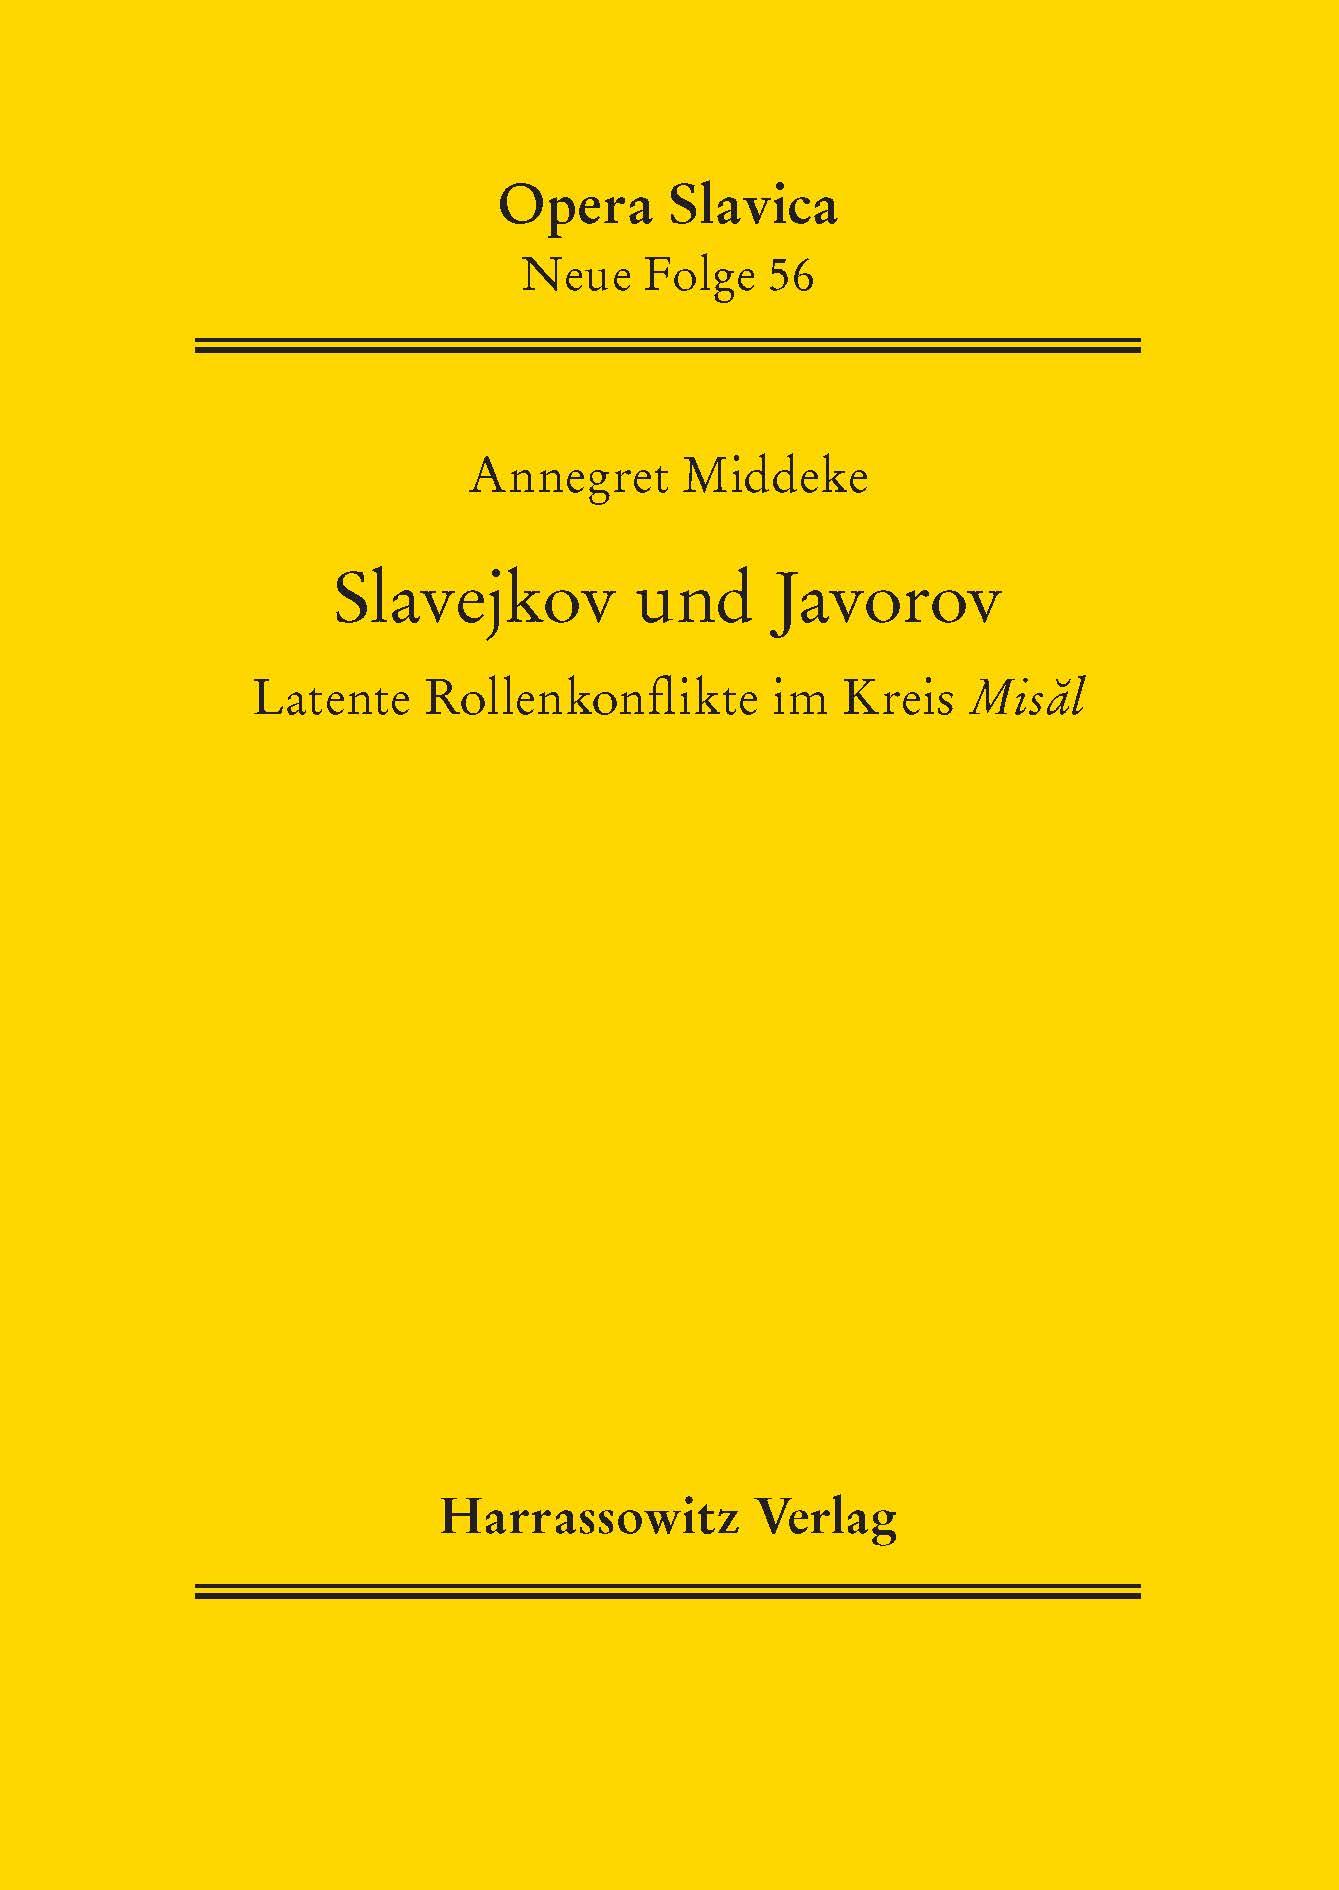 Slavejkov und Javorov Annegret Middeke